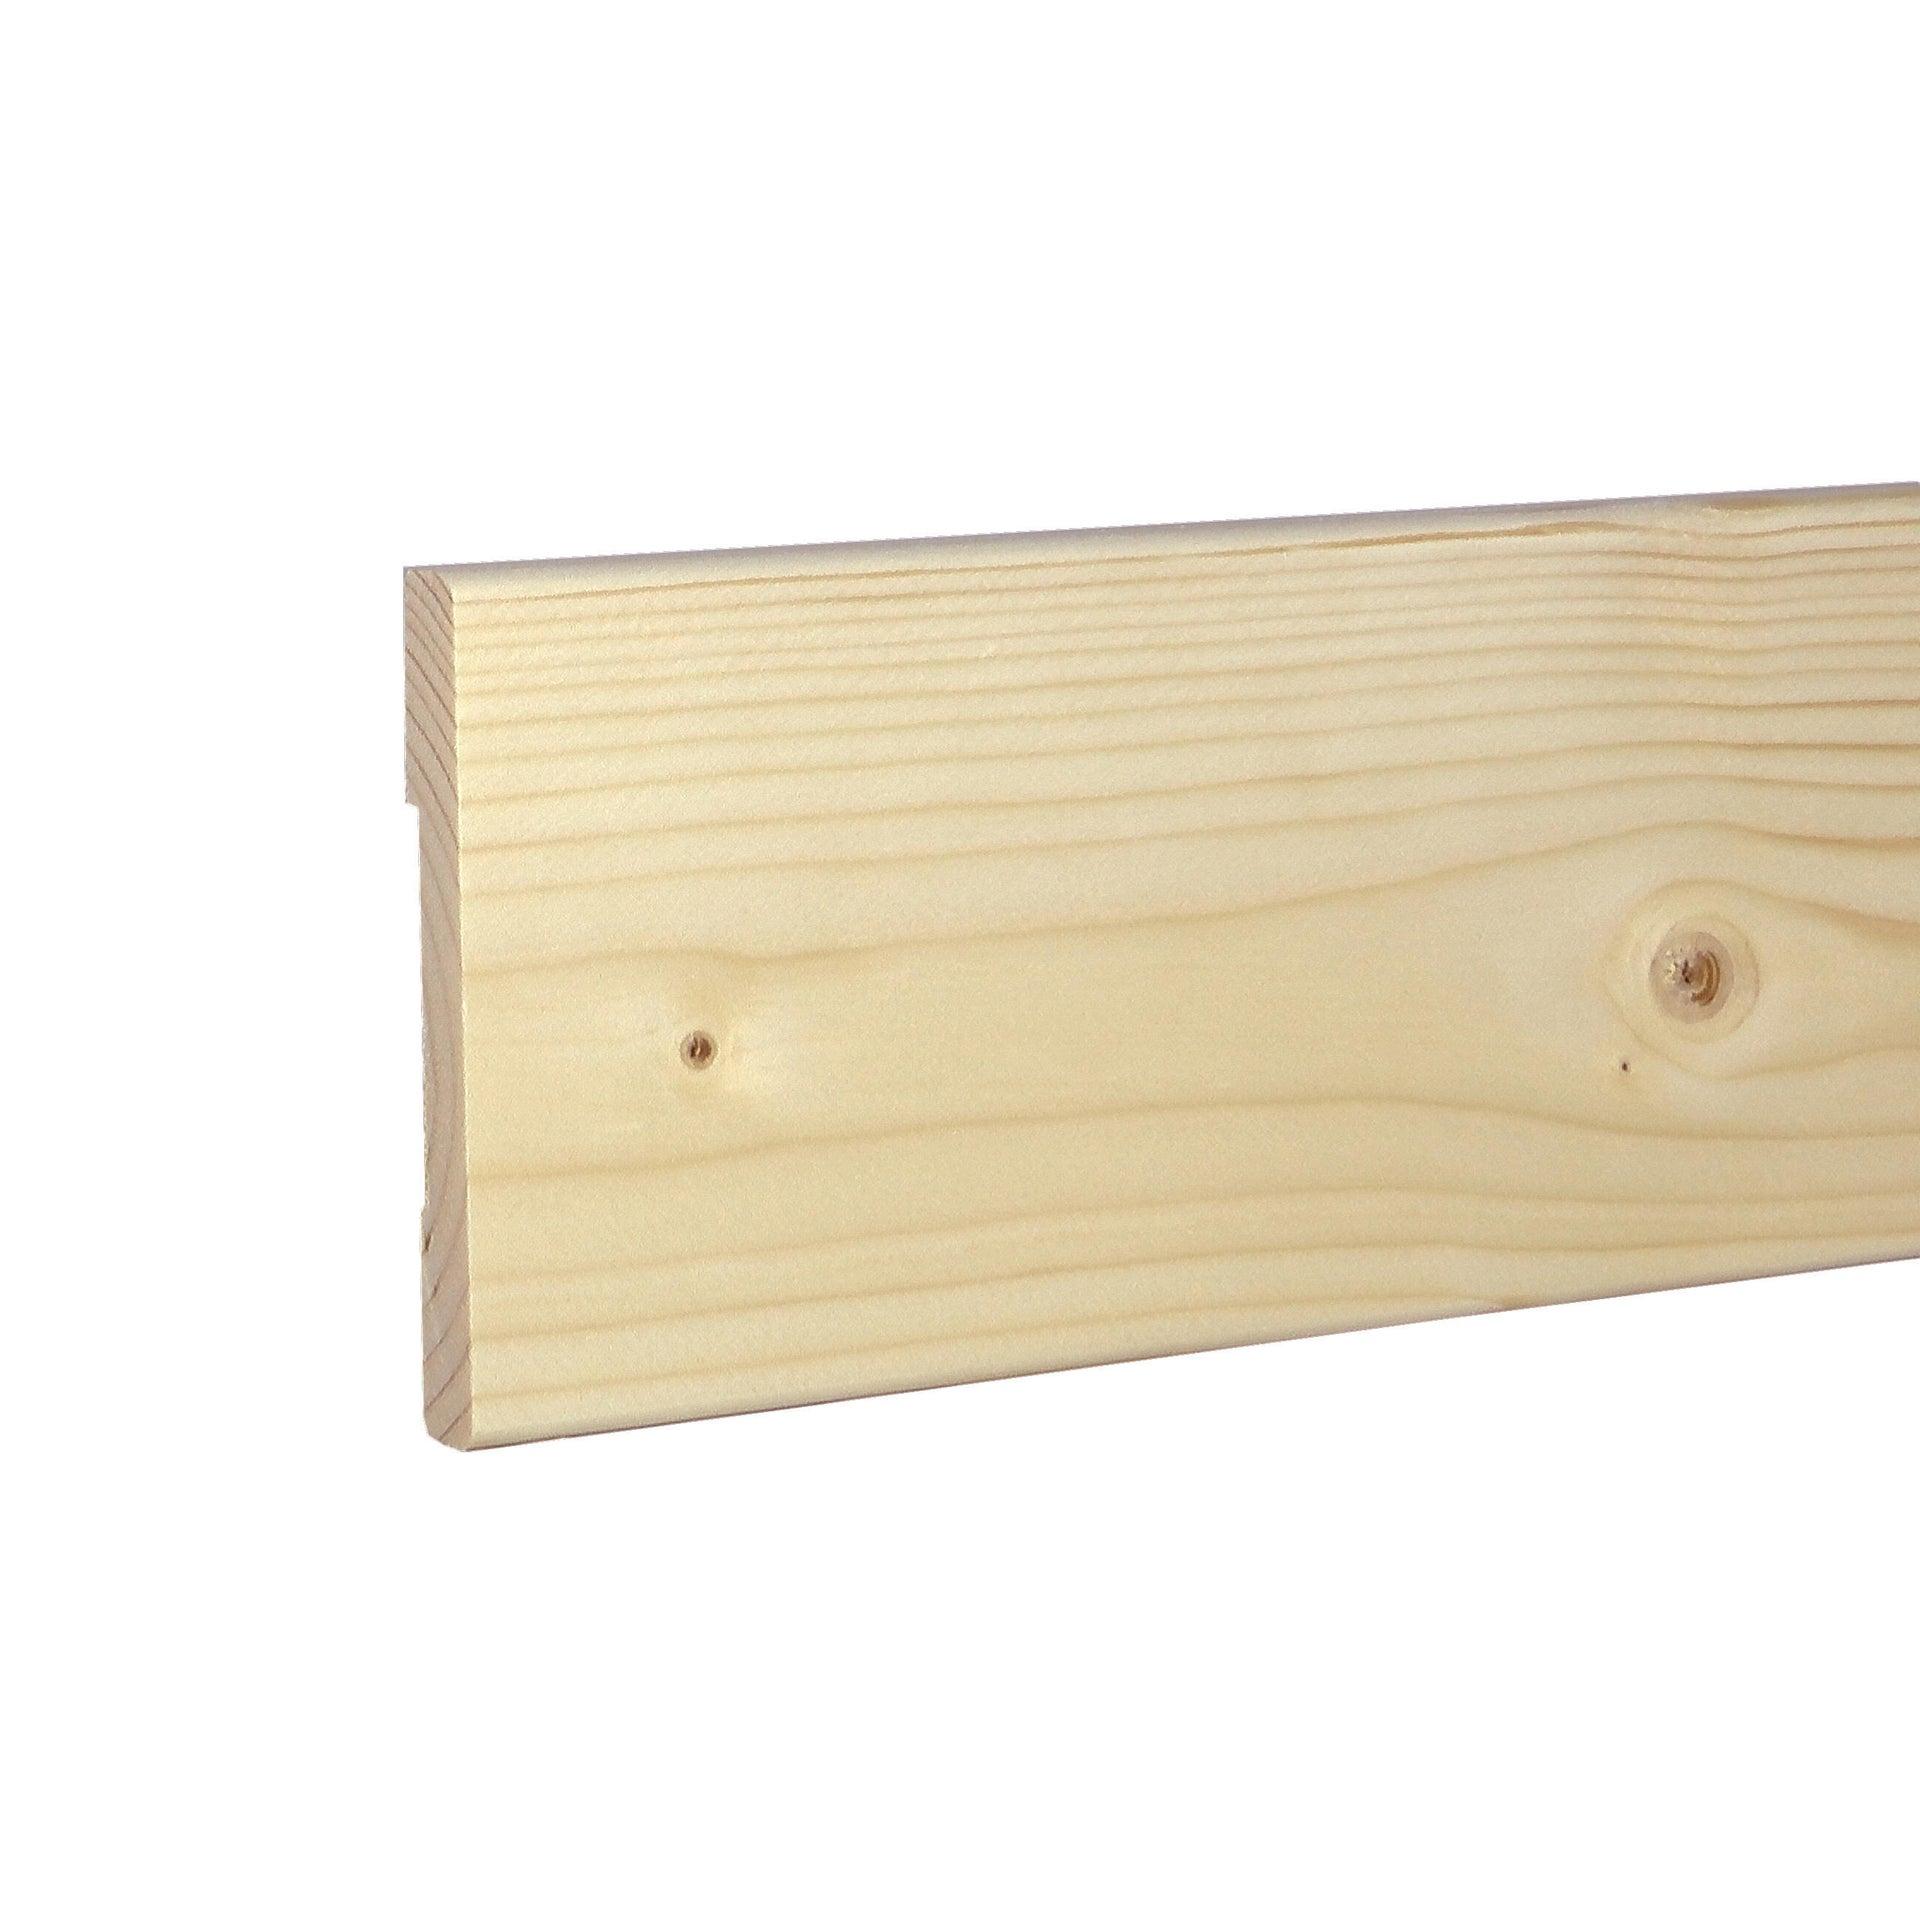 Coprifilo in legno legno massello naturale L 2250 x P 10 x H 80 mm - 2